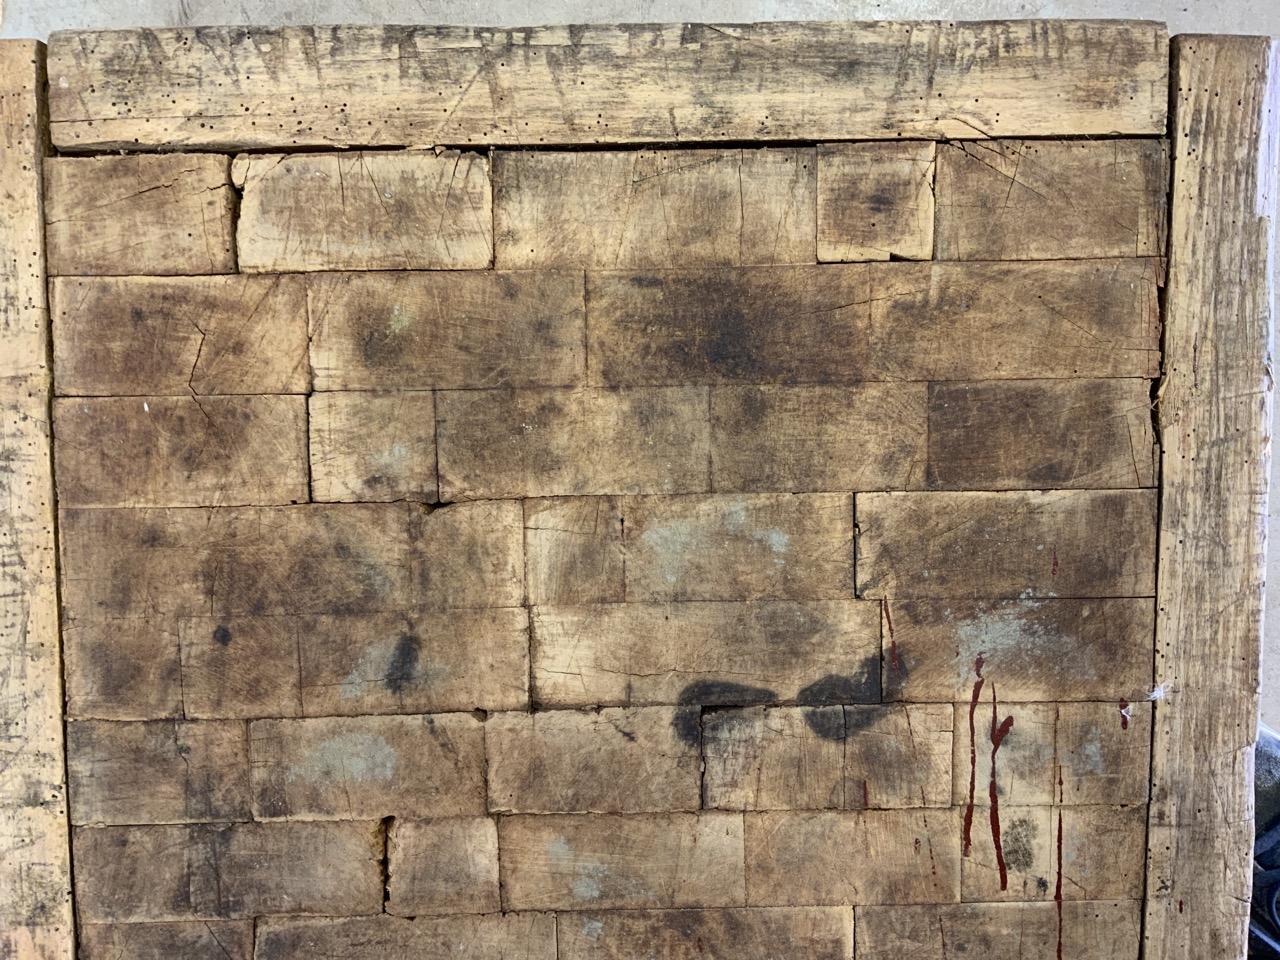 A square butchers block, without base. W:62cm x D:62cm x H:18cm - Image 5 of 5